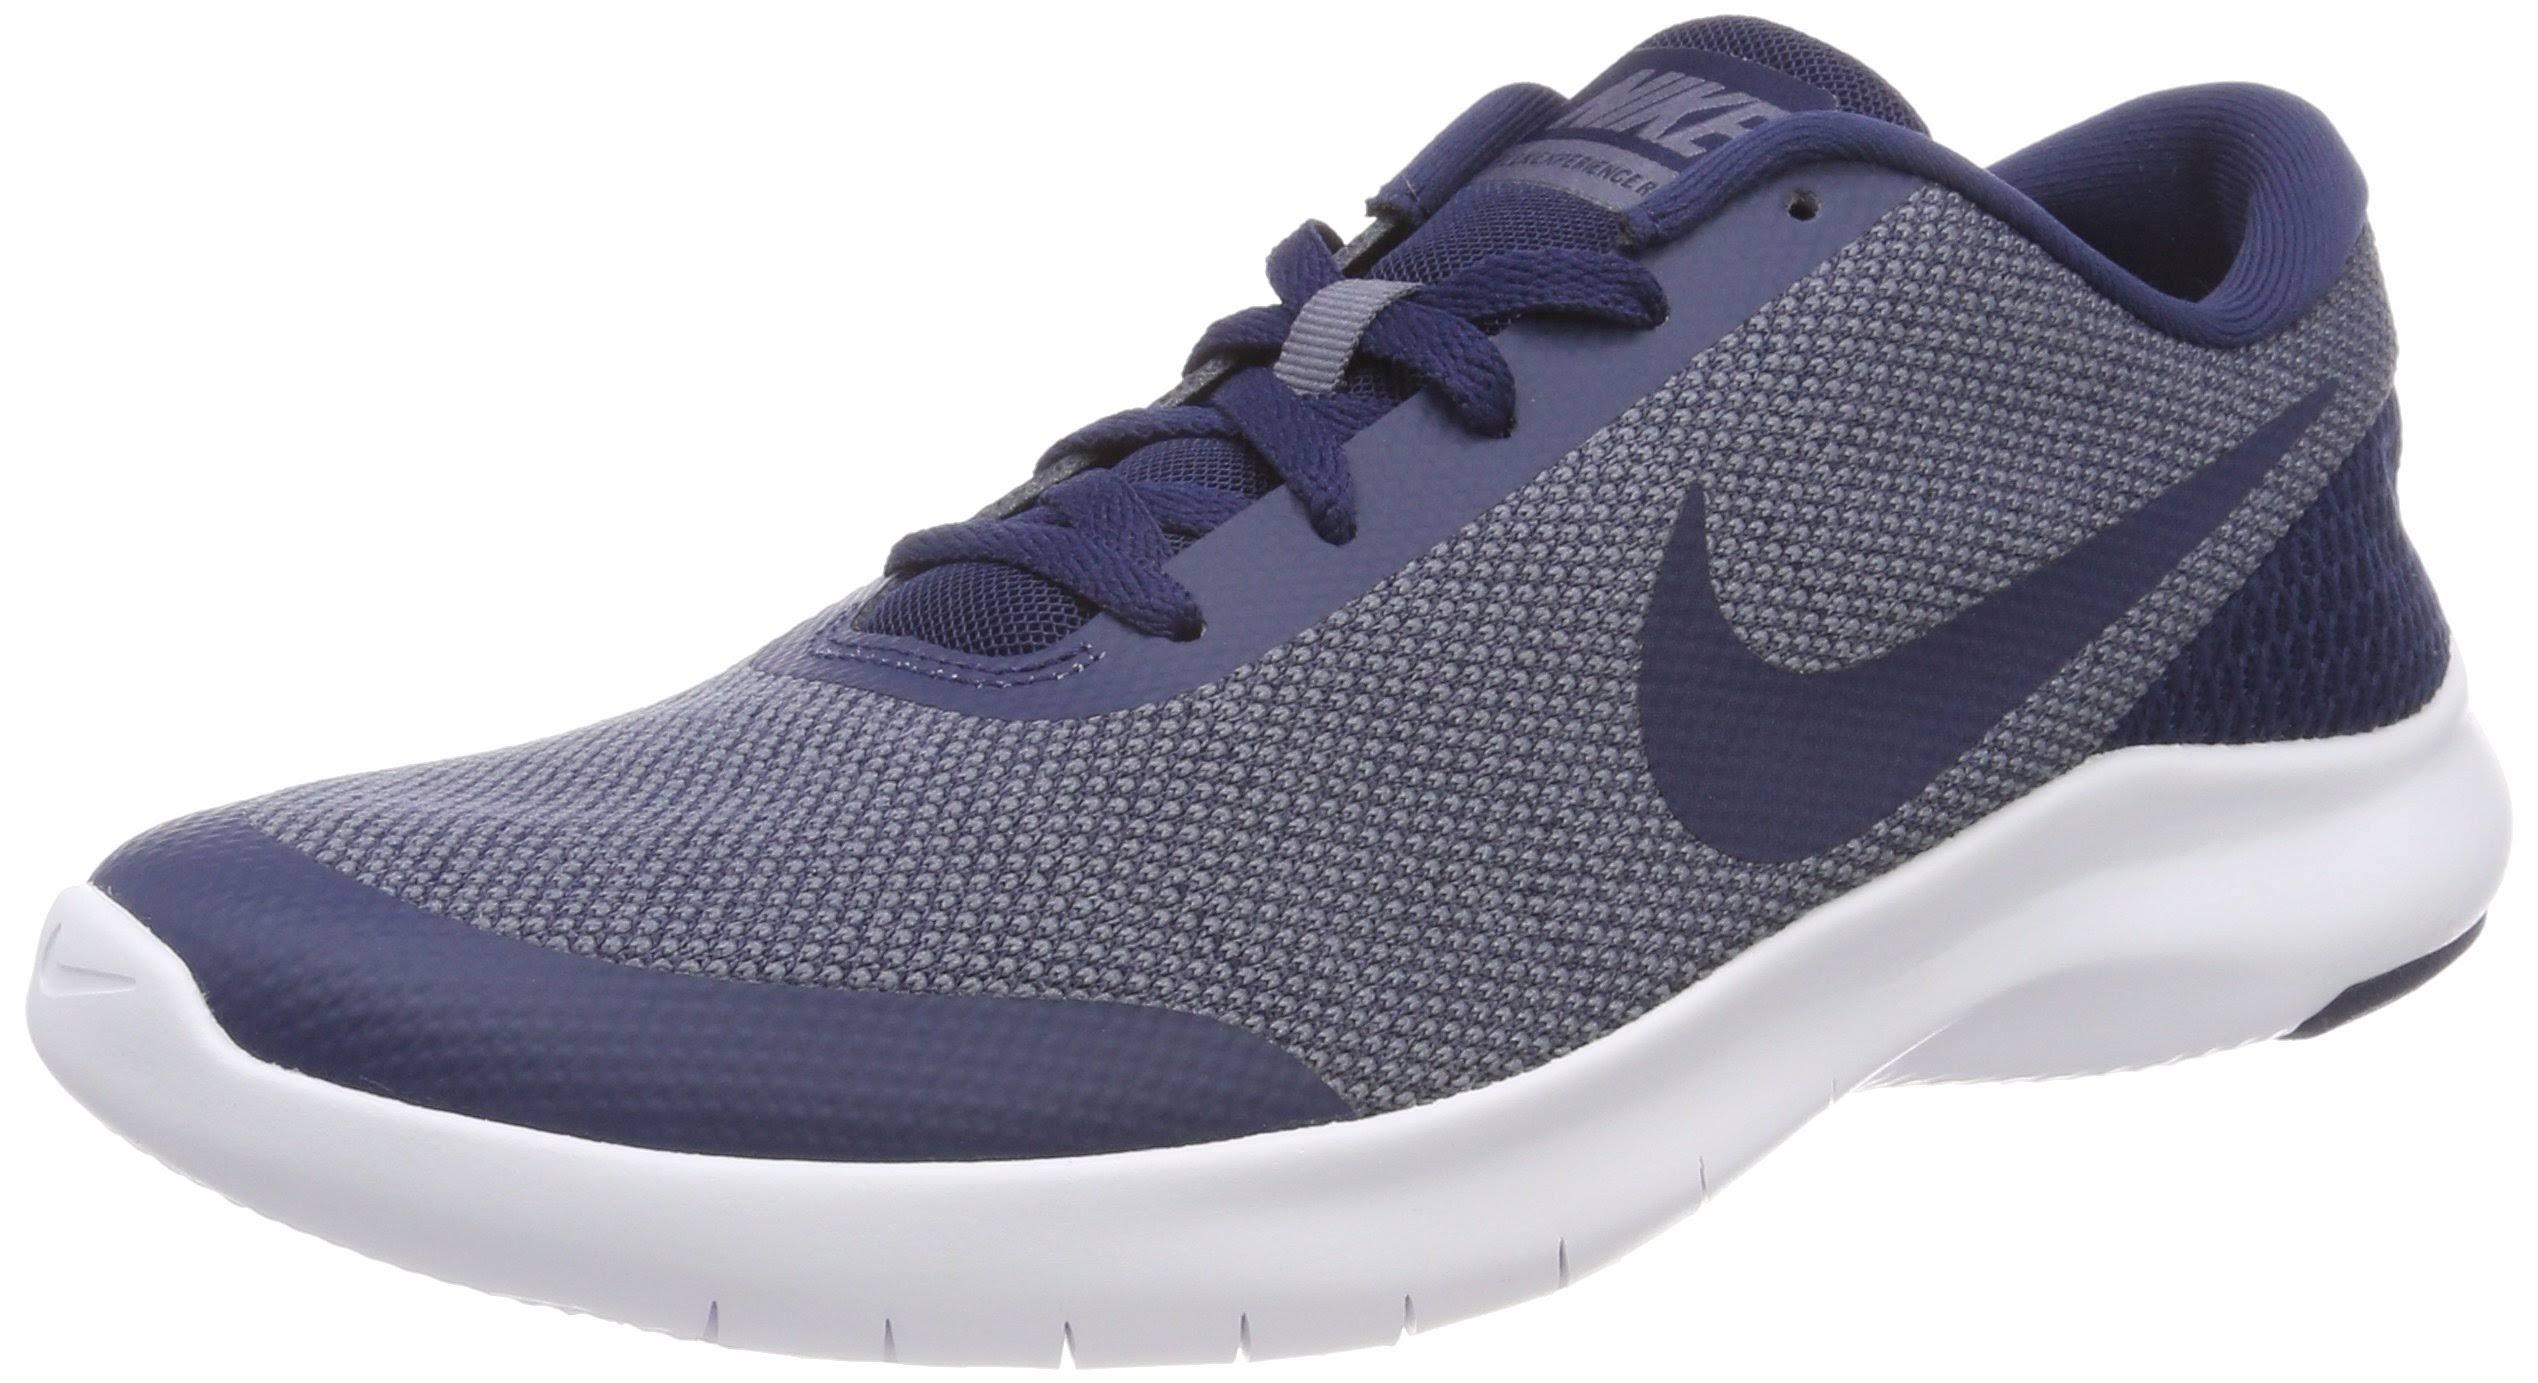 Nike Running Marino Experience Zapatillas Azul Rn De Para 7 Flex Hombre xUEUqp65wH